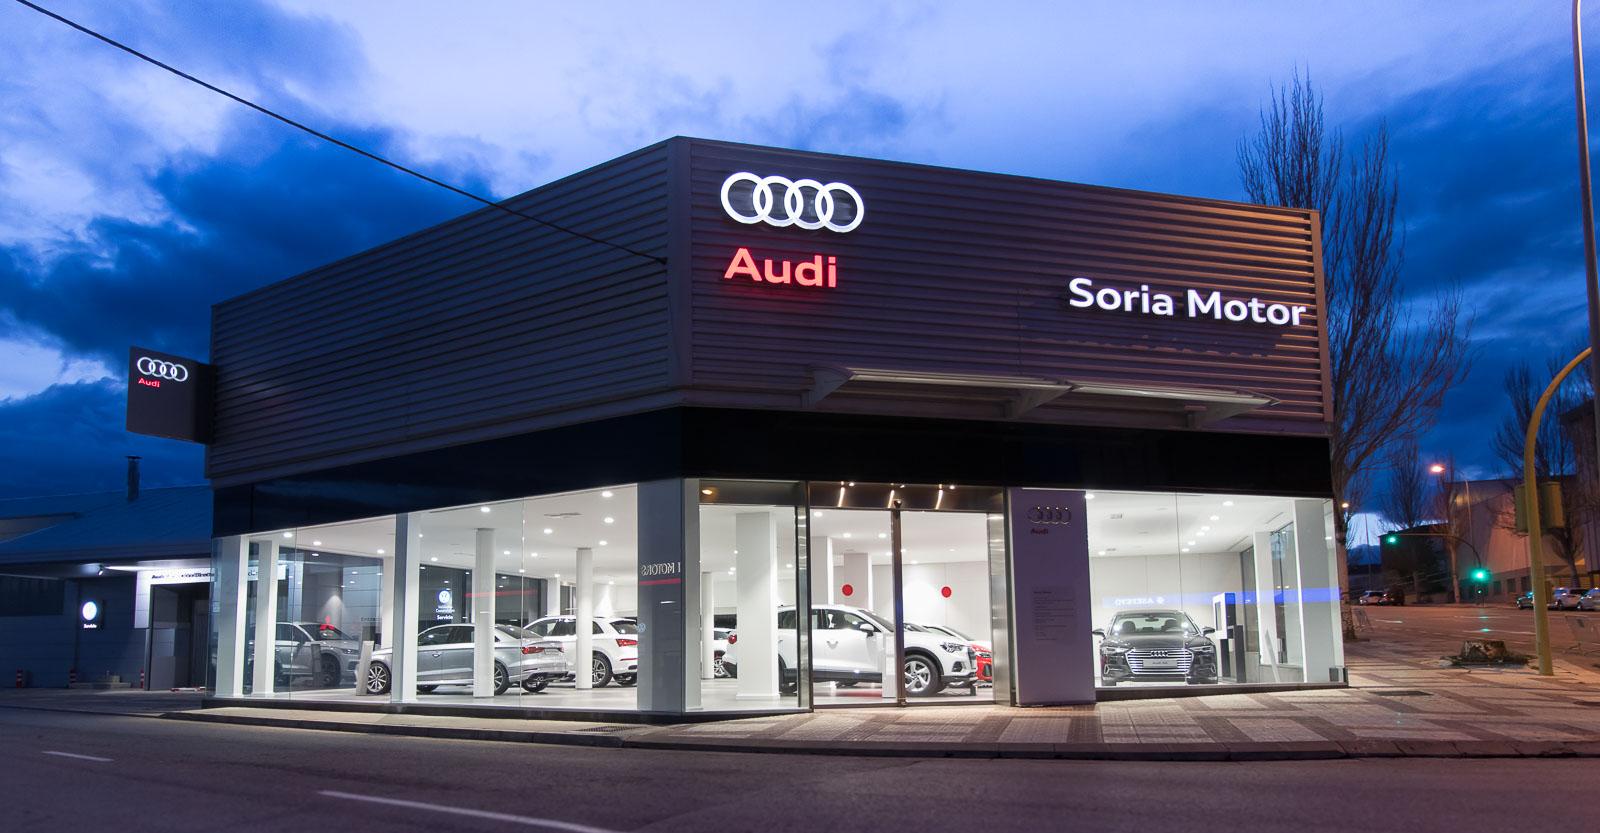 Concesionario Audi en Soria